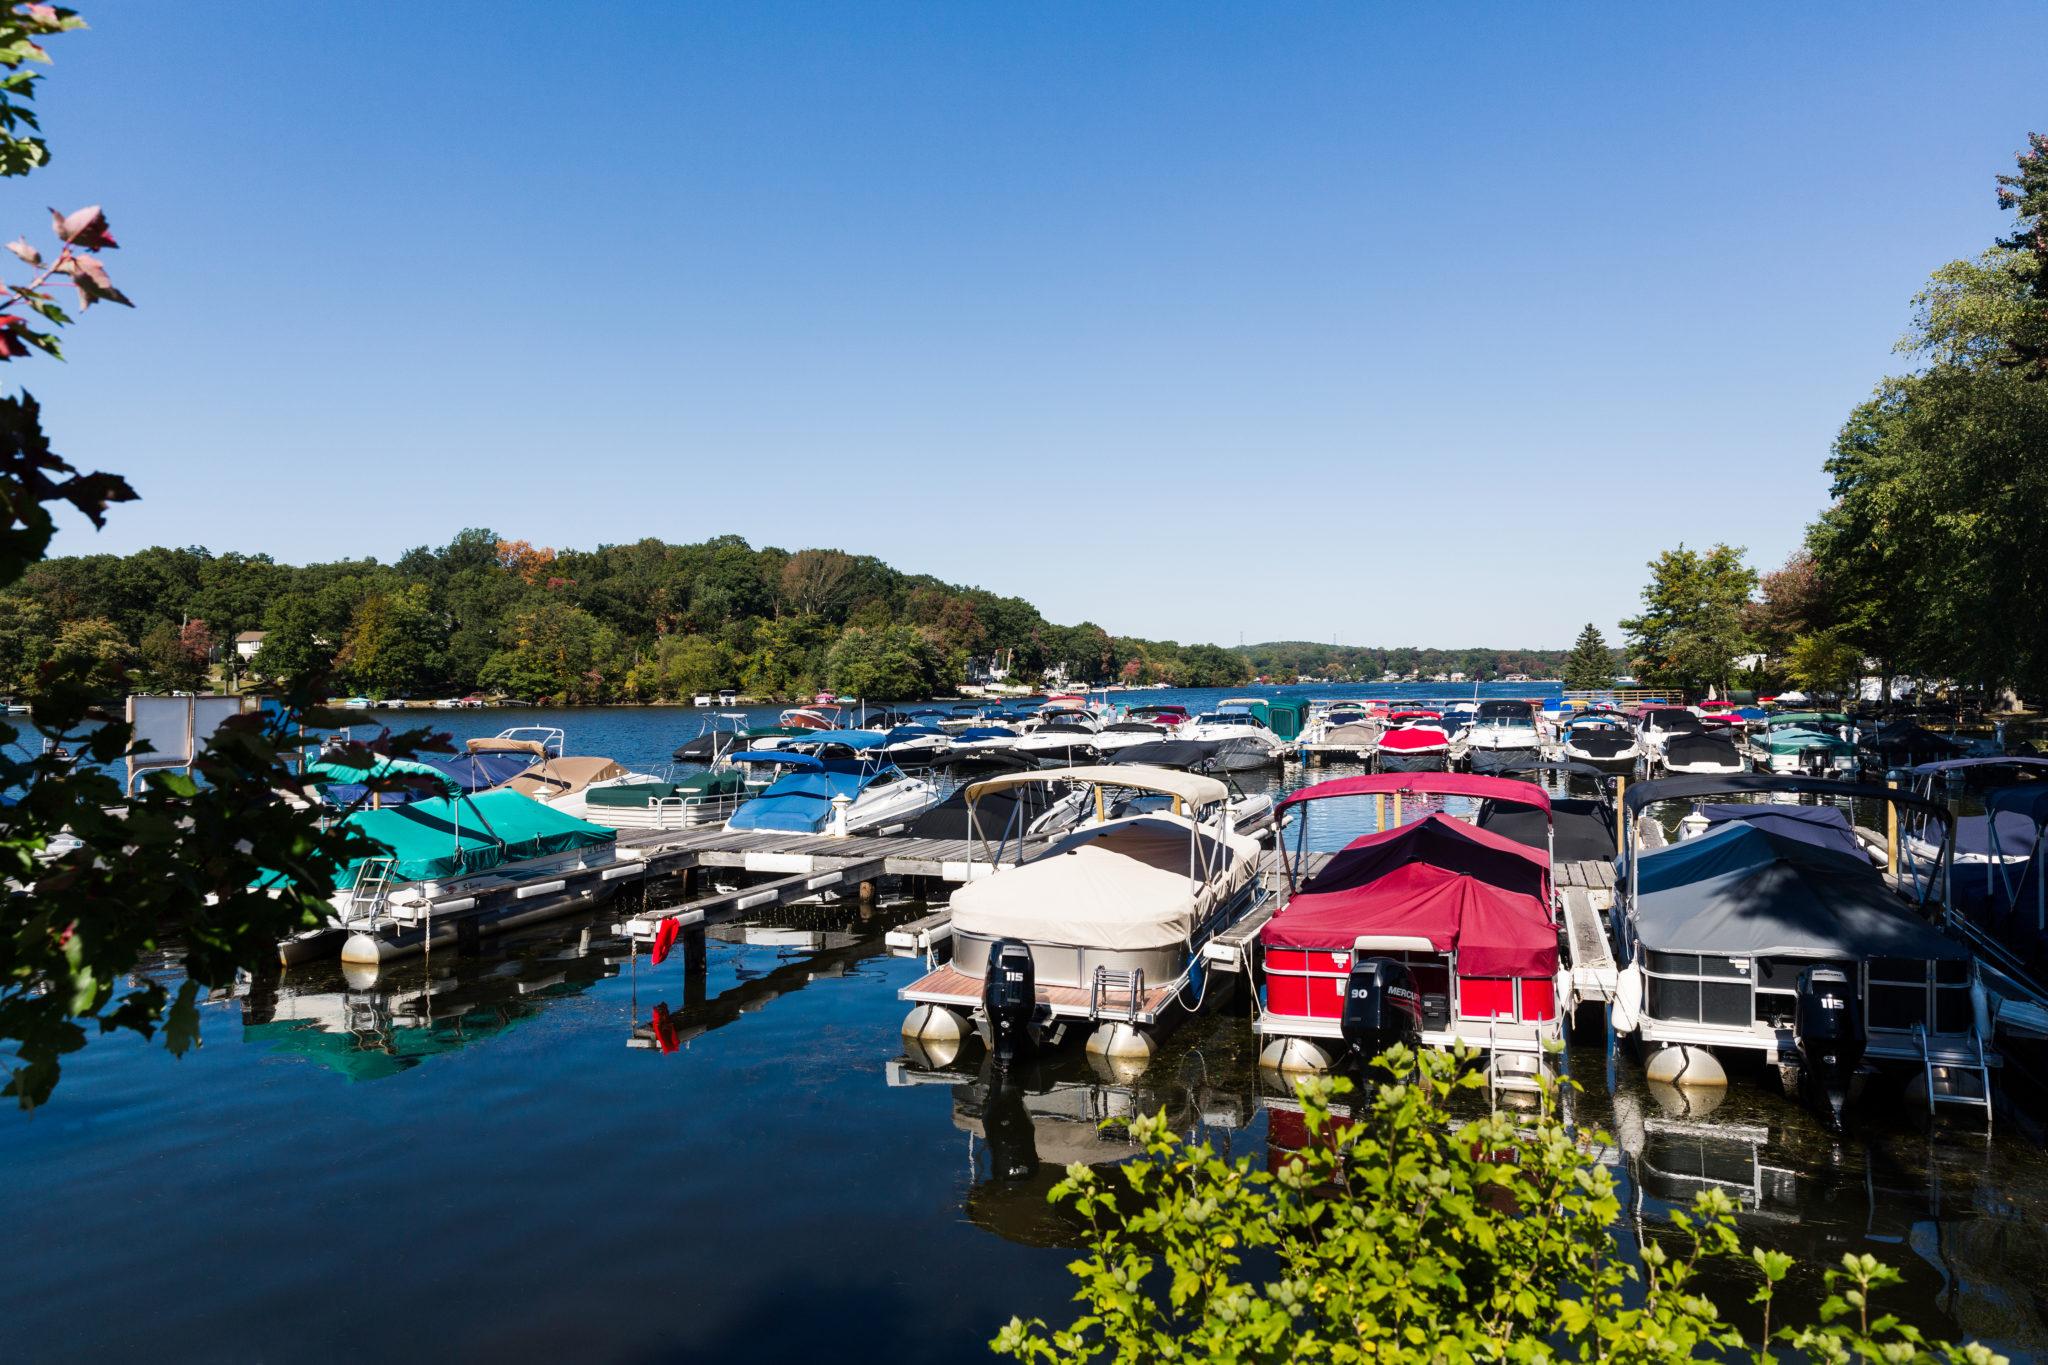 boats lined up at dock at Bridge Marina, Lake Hopatcong